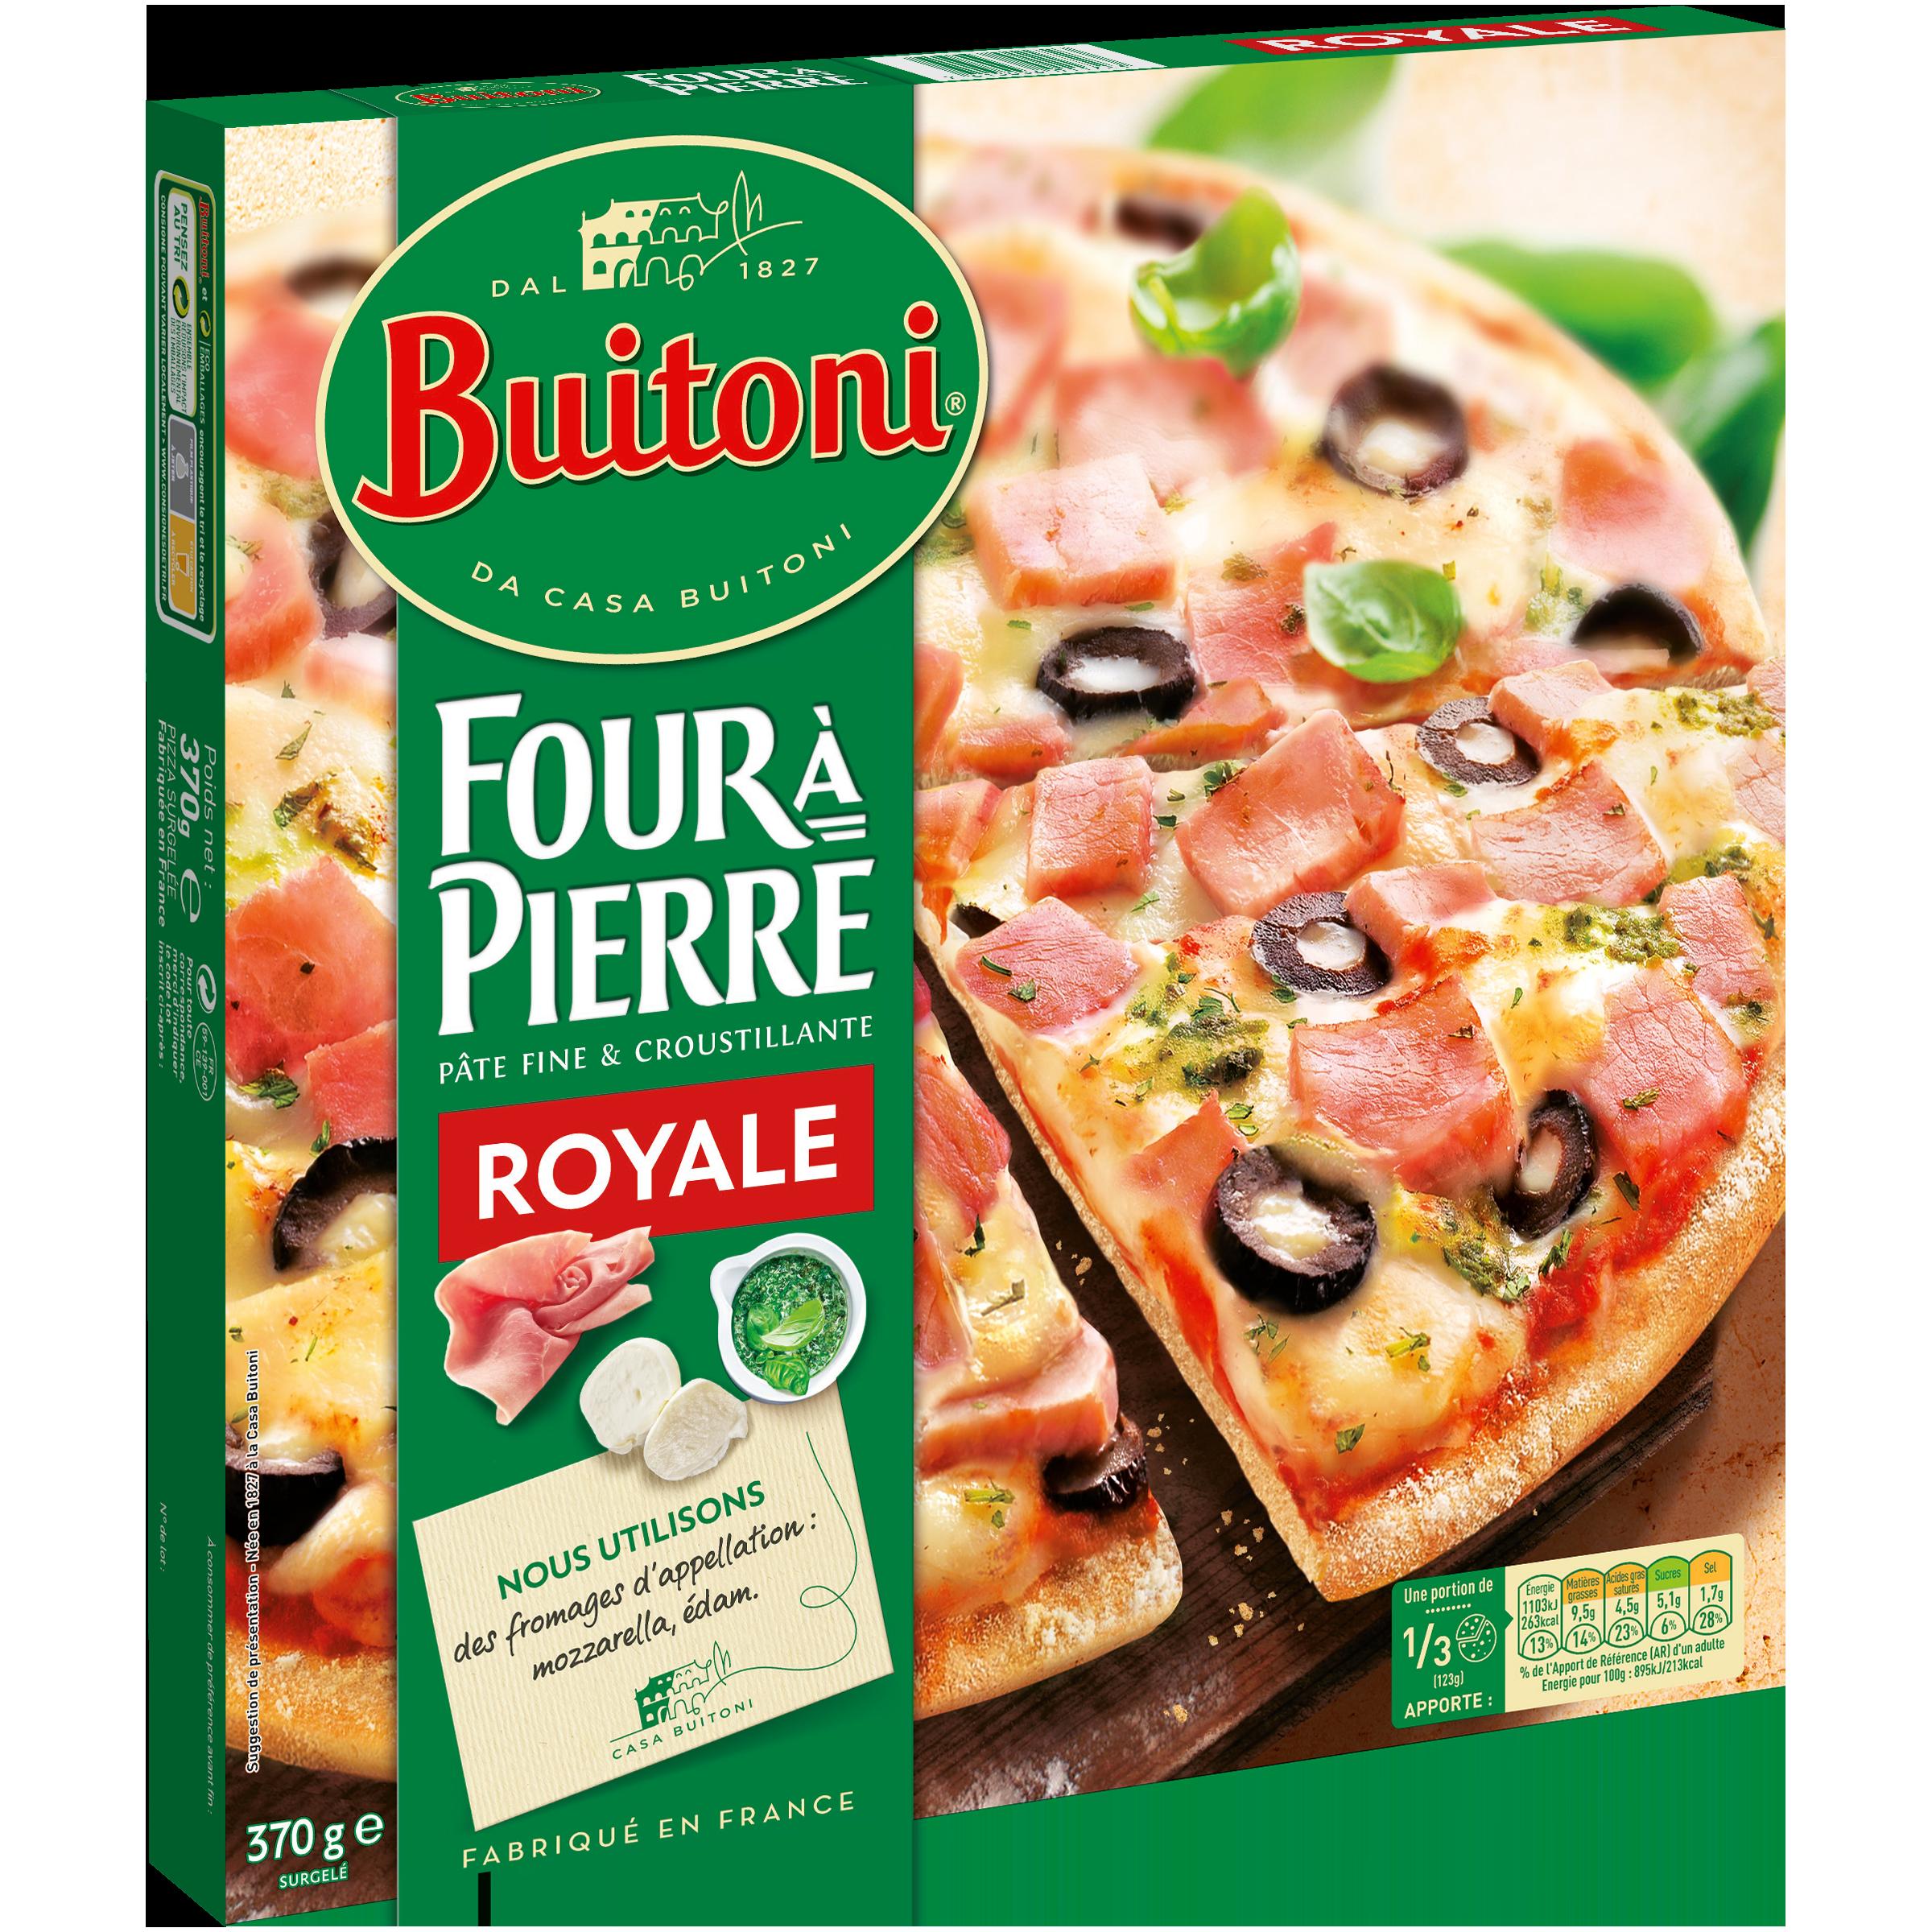 Pizza pâte fine Royale Four à pierre, Buitoni surgelé (370 g)